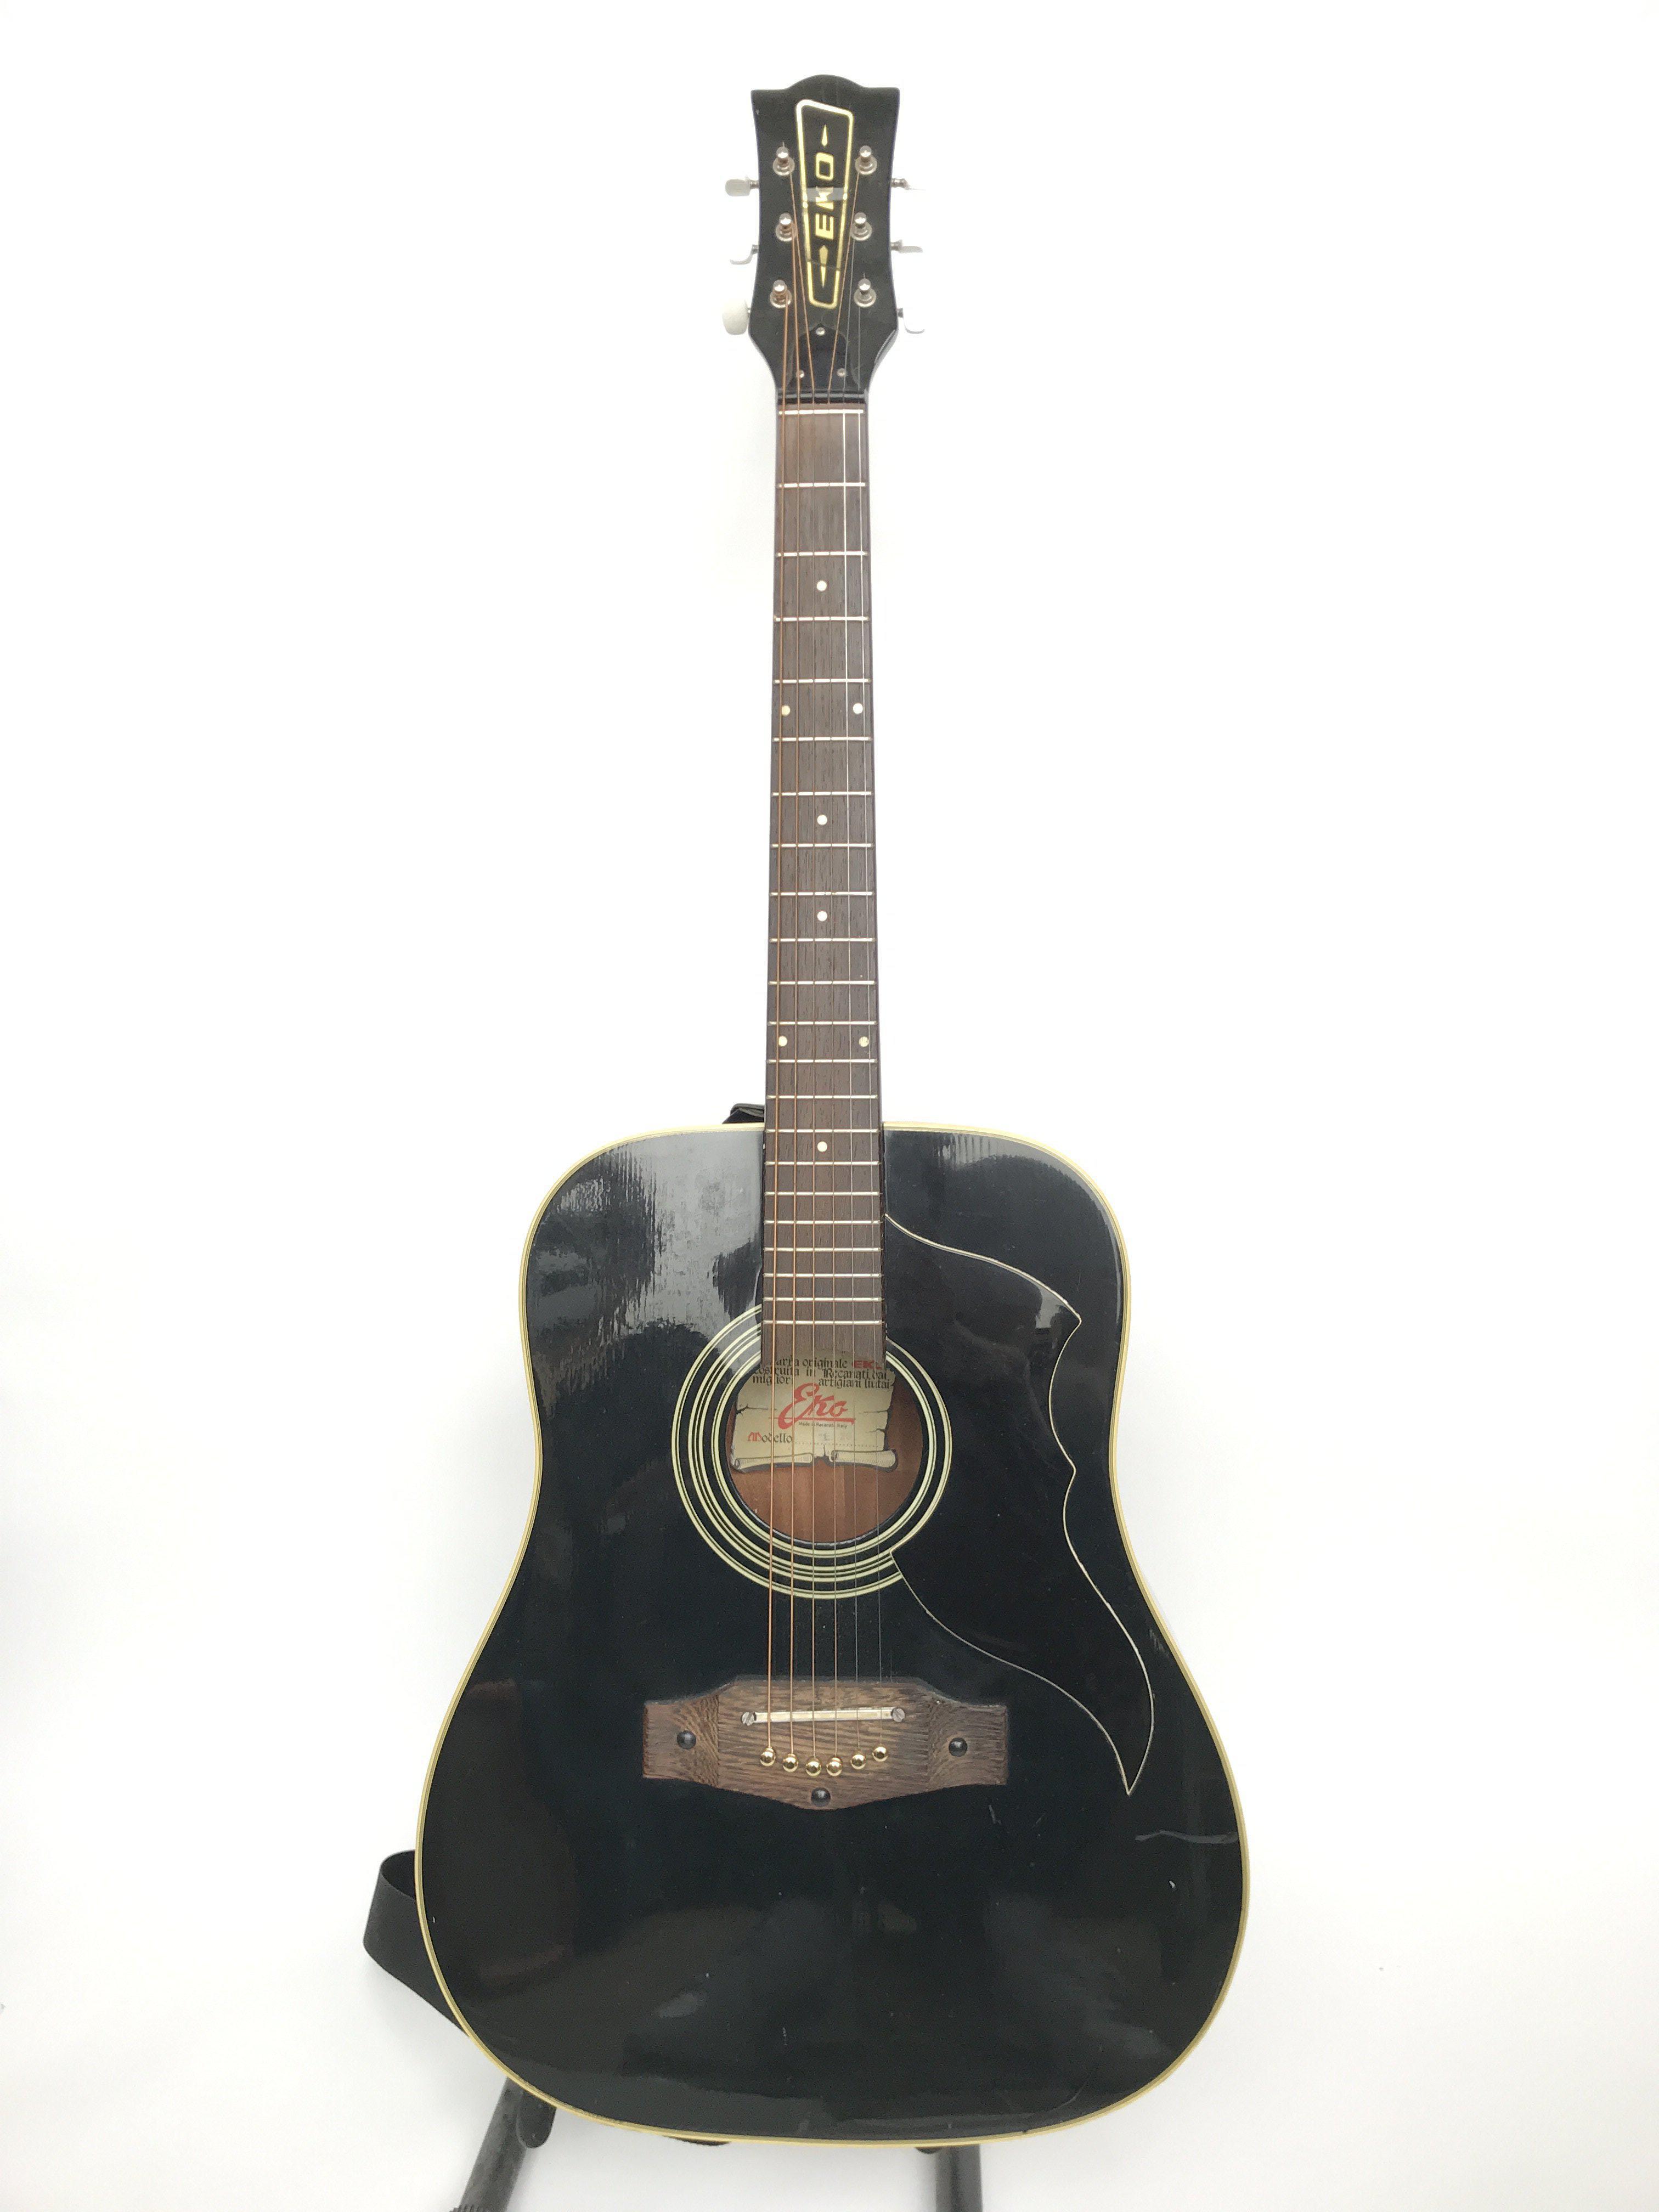 A vintage Eko E20 acoustic guitar. This circa 1979